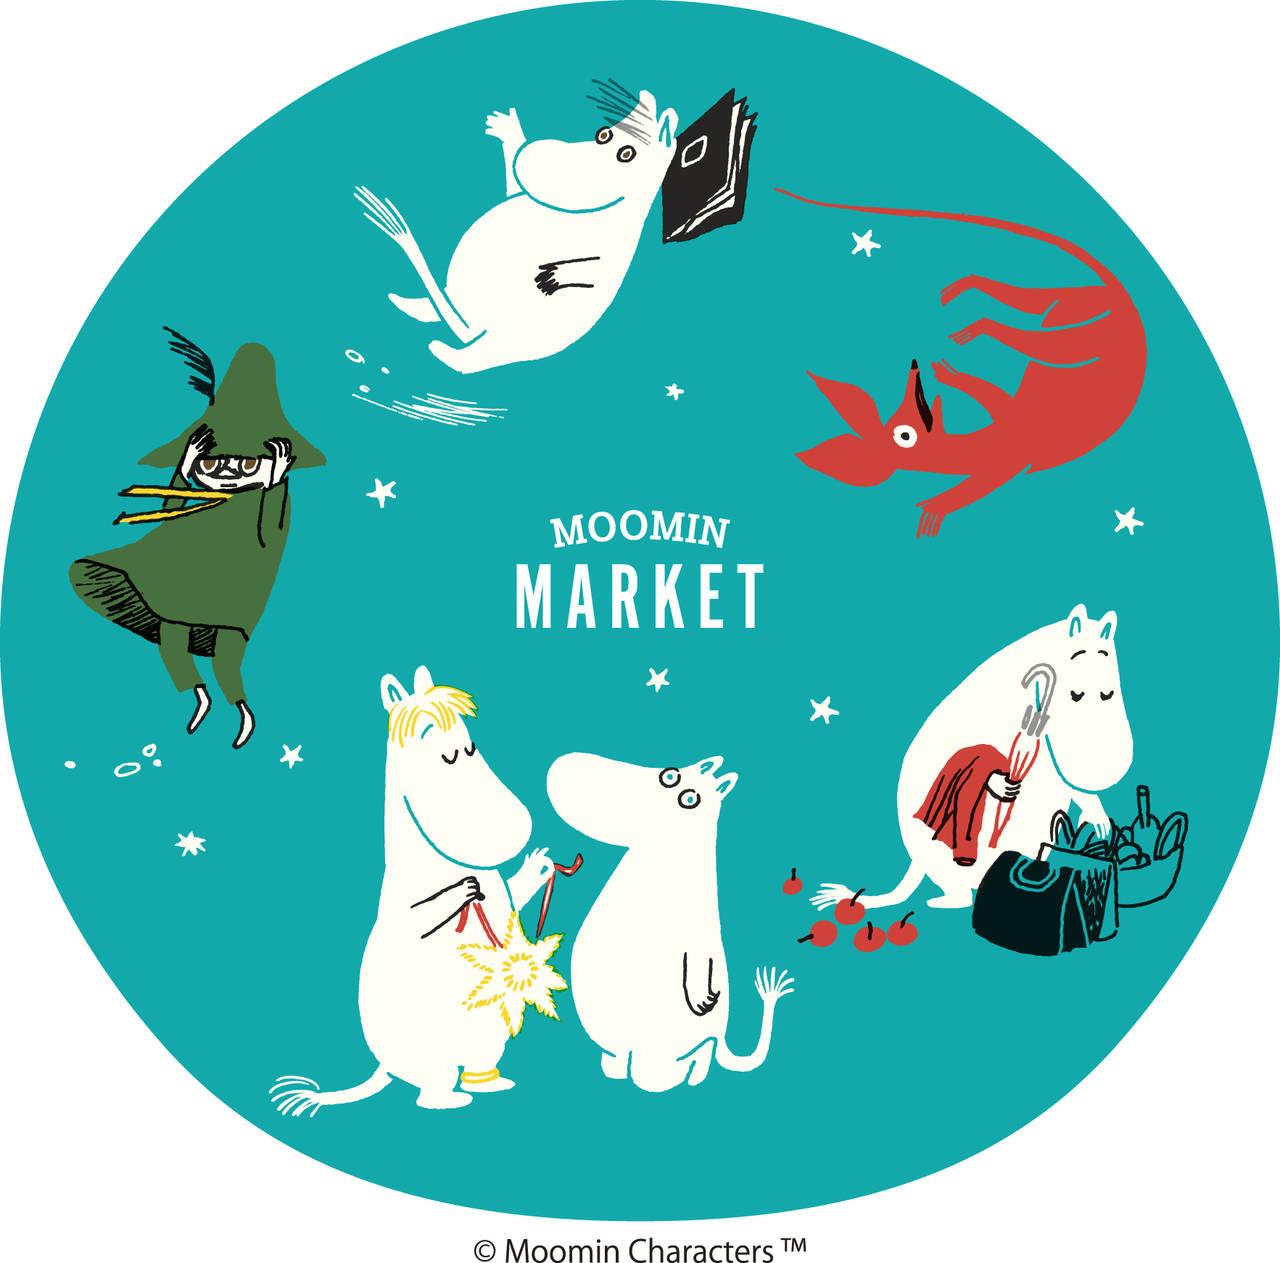 『ムーミンマーケット2020オンライン』開始! イベント限定グッズも多数! 文具も食器も手に入る♪